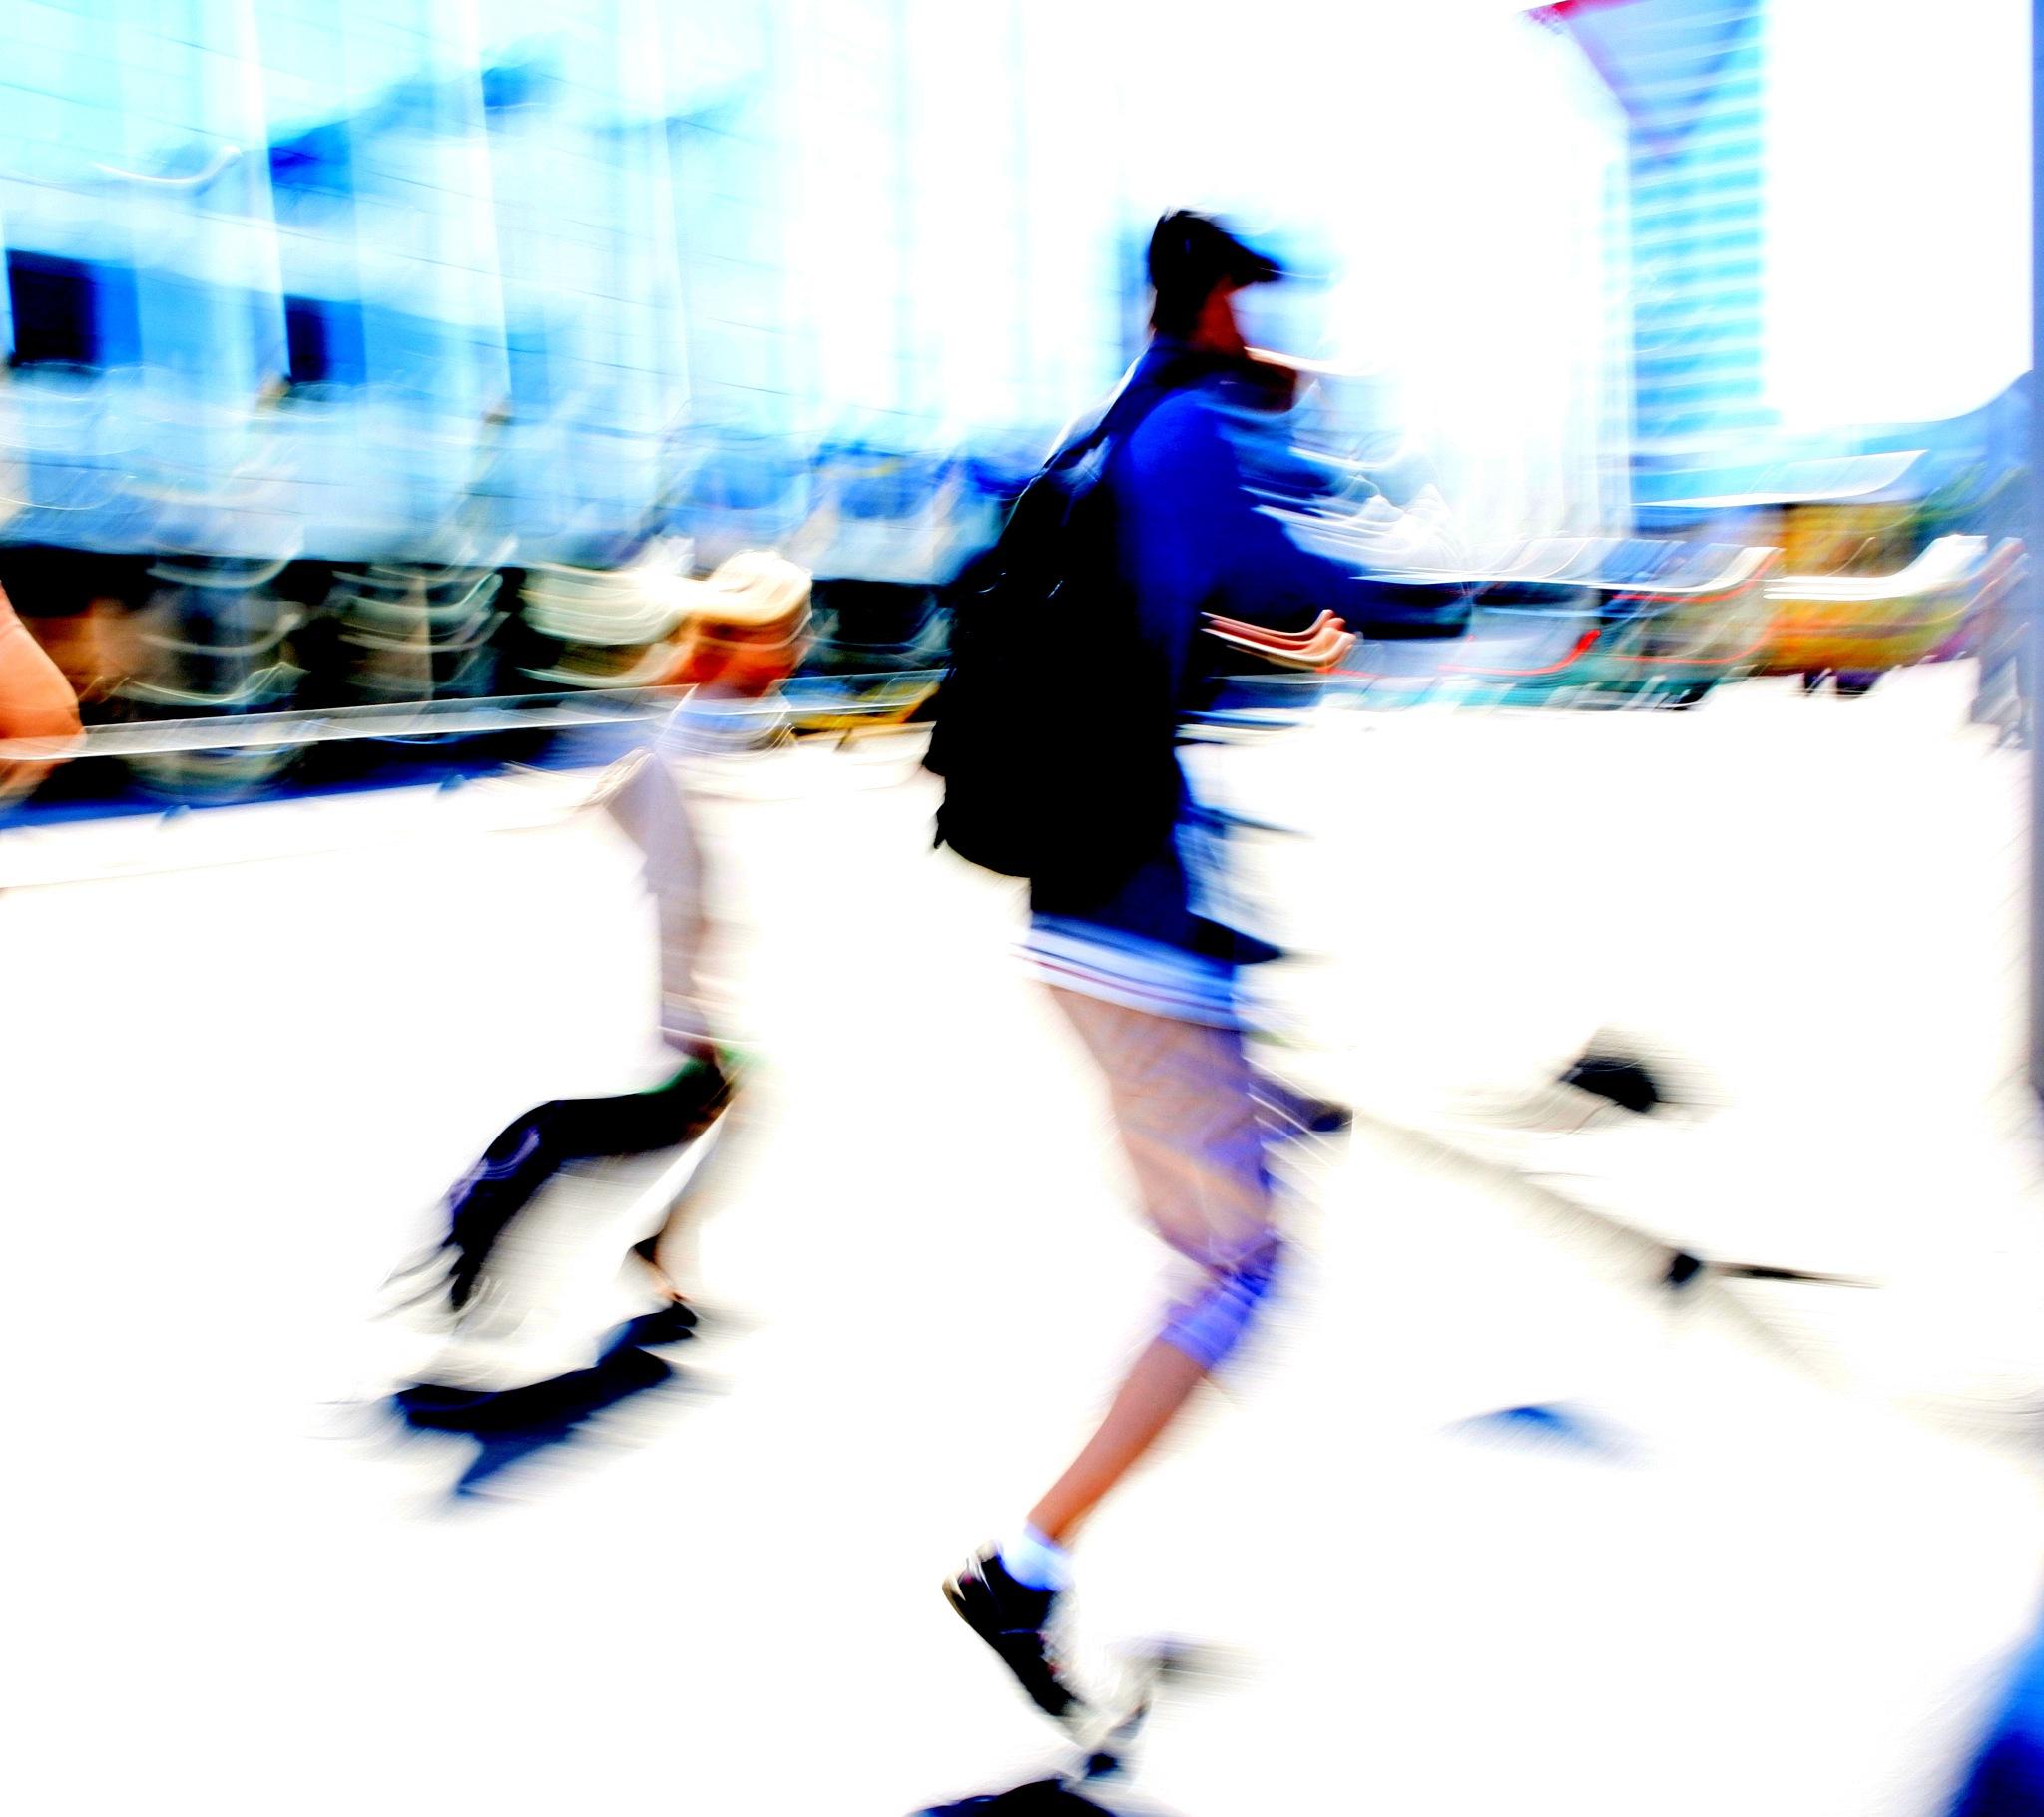 Movement, Tallinn by Lasse Tur